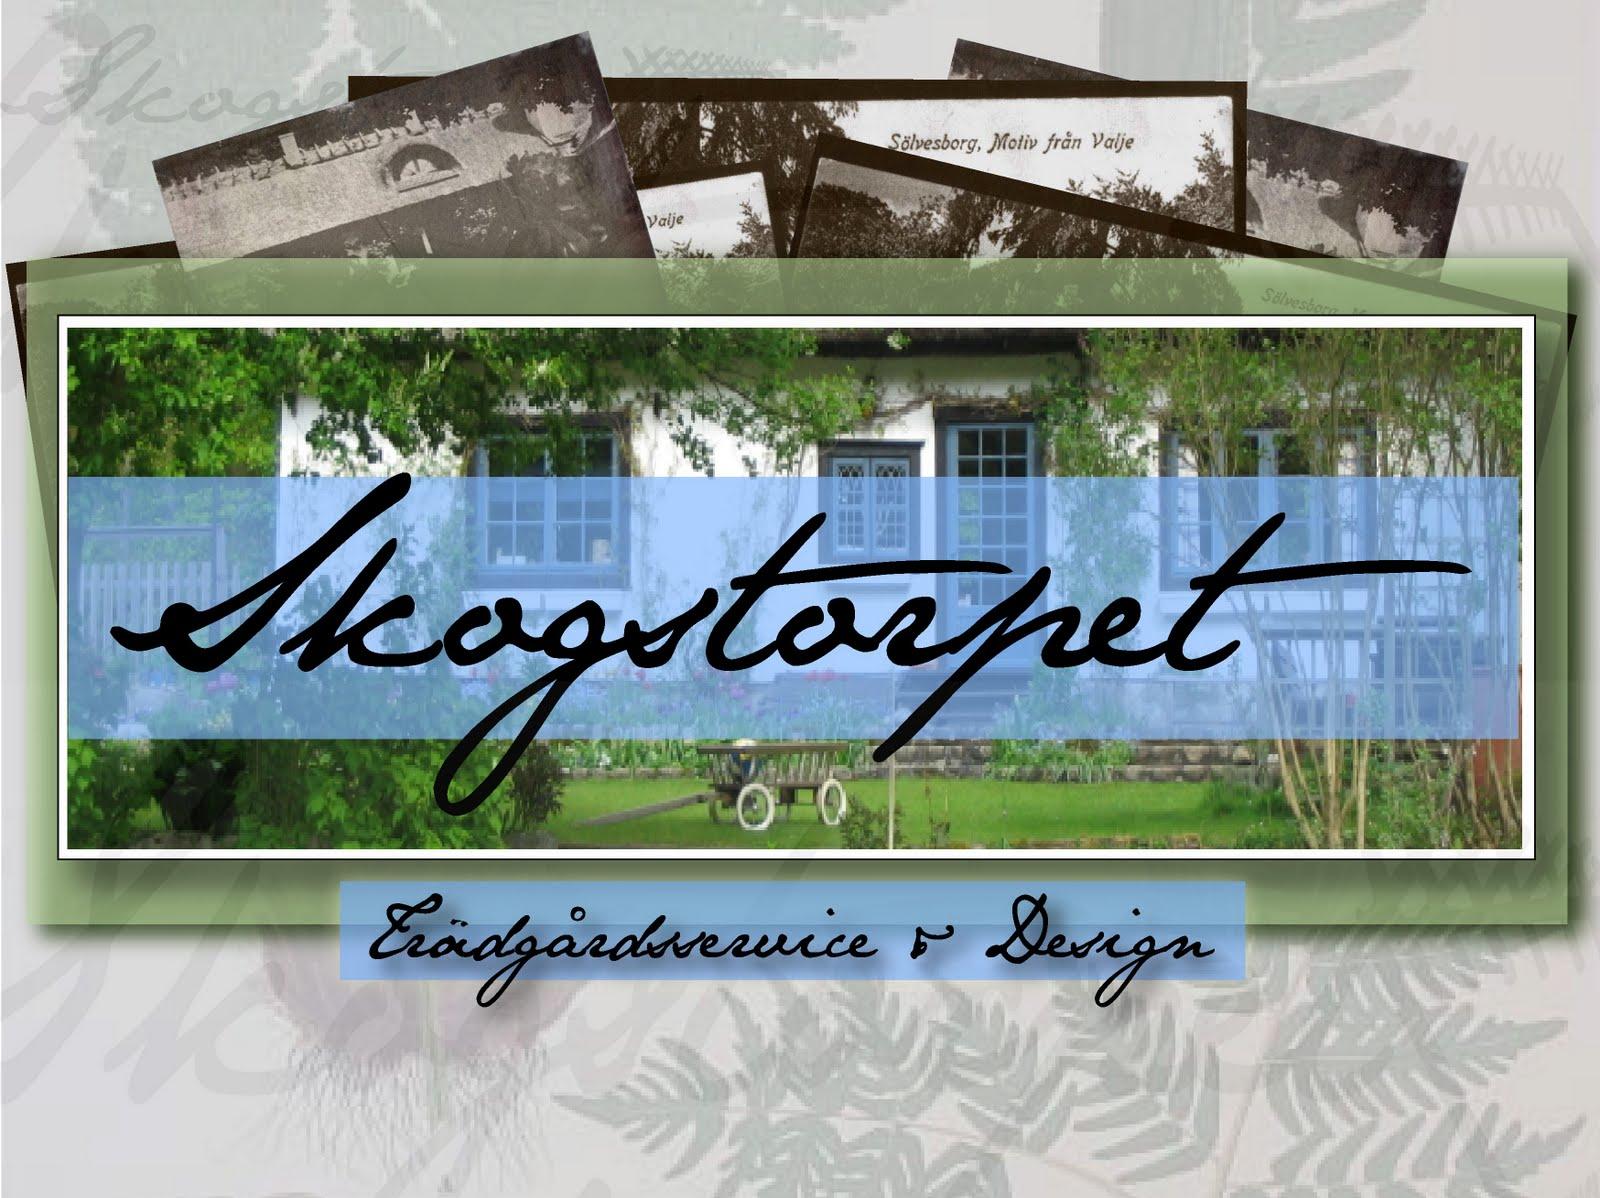 Skogstorpet Trädgårdsservice & Design